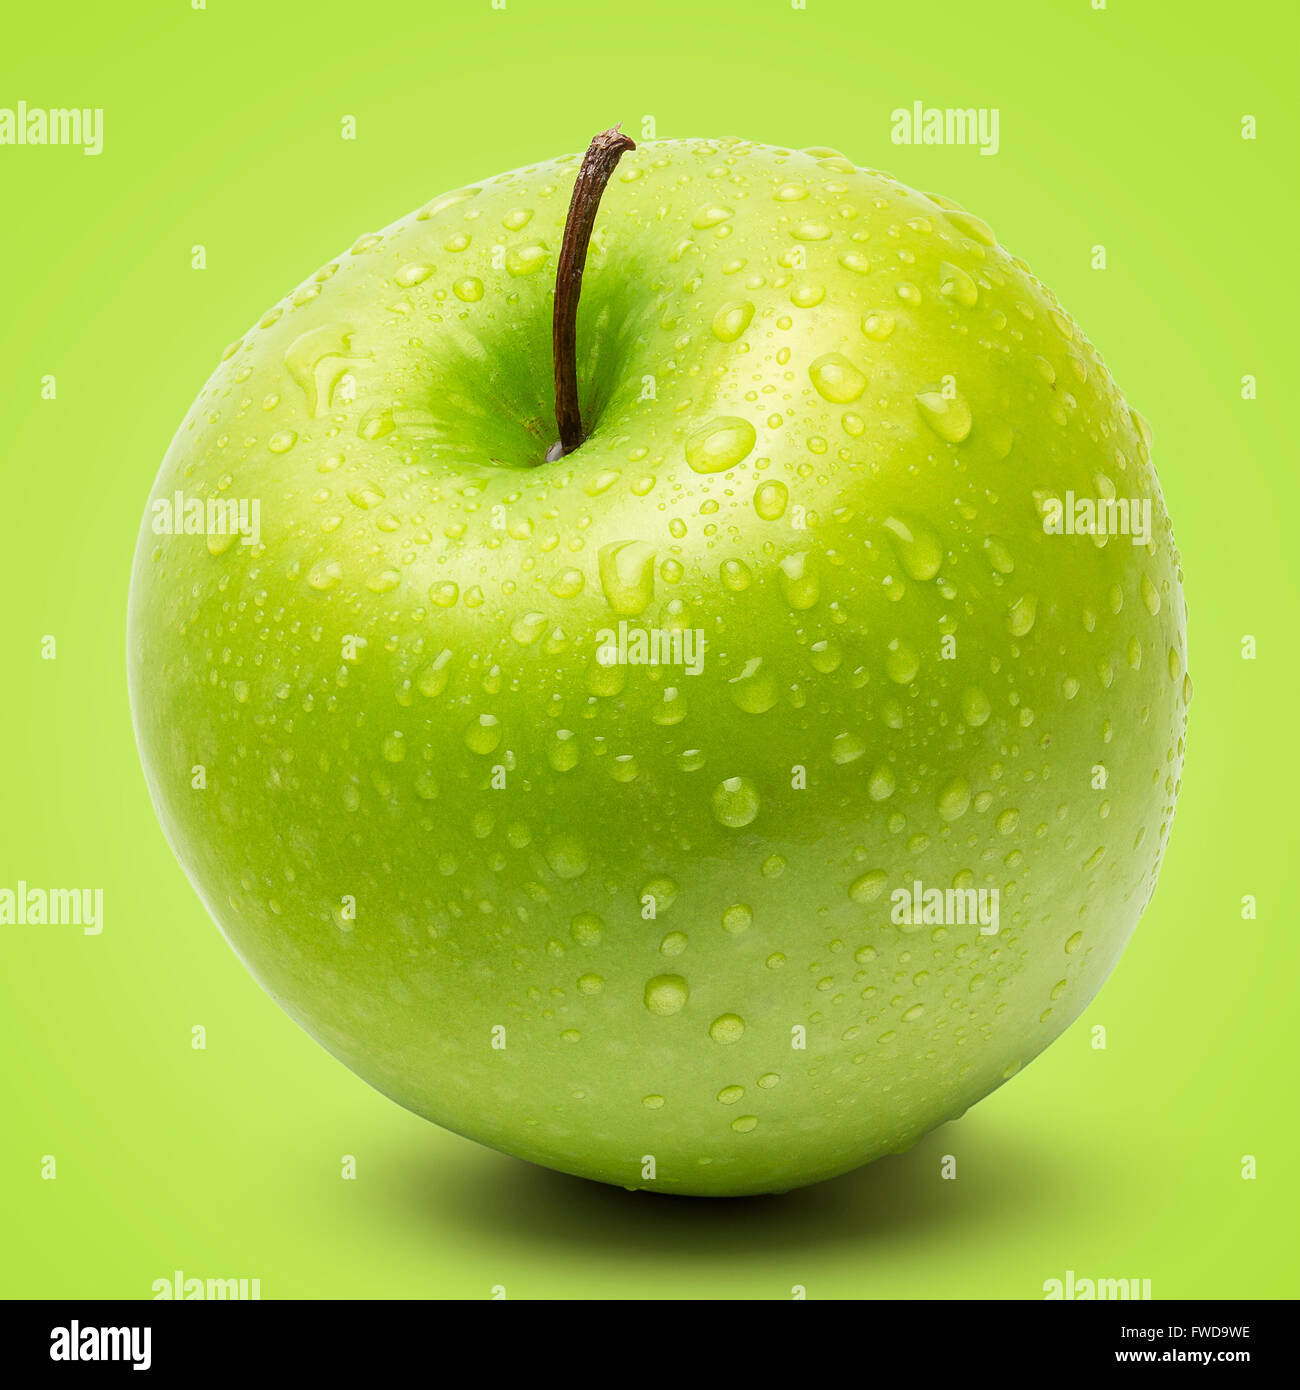 Perfetta Fresca mela verde isolato su sfondo verde in pieno la profondità di campo. Immagini Stock